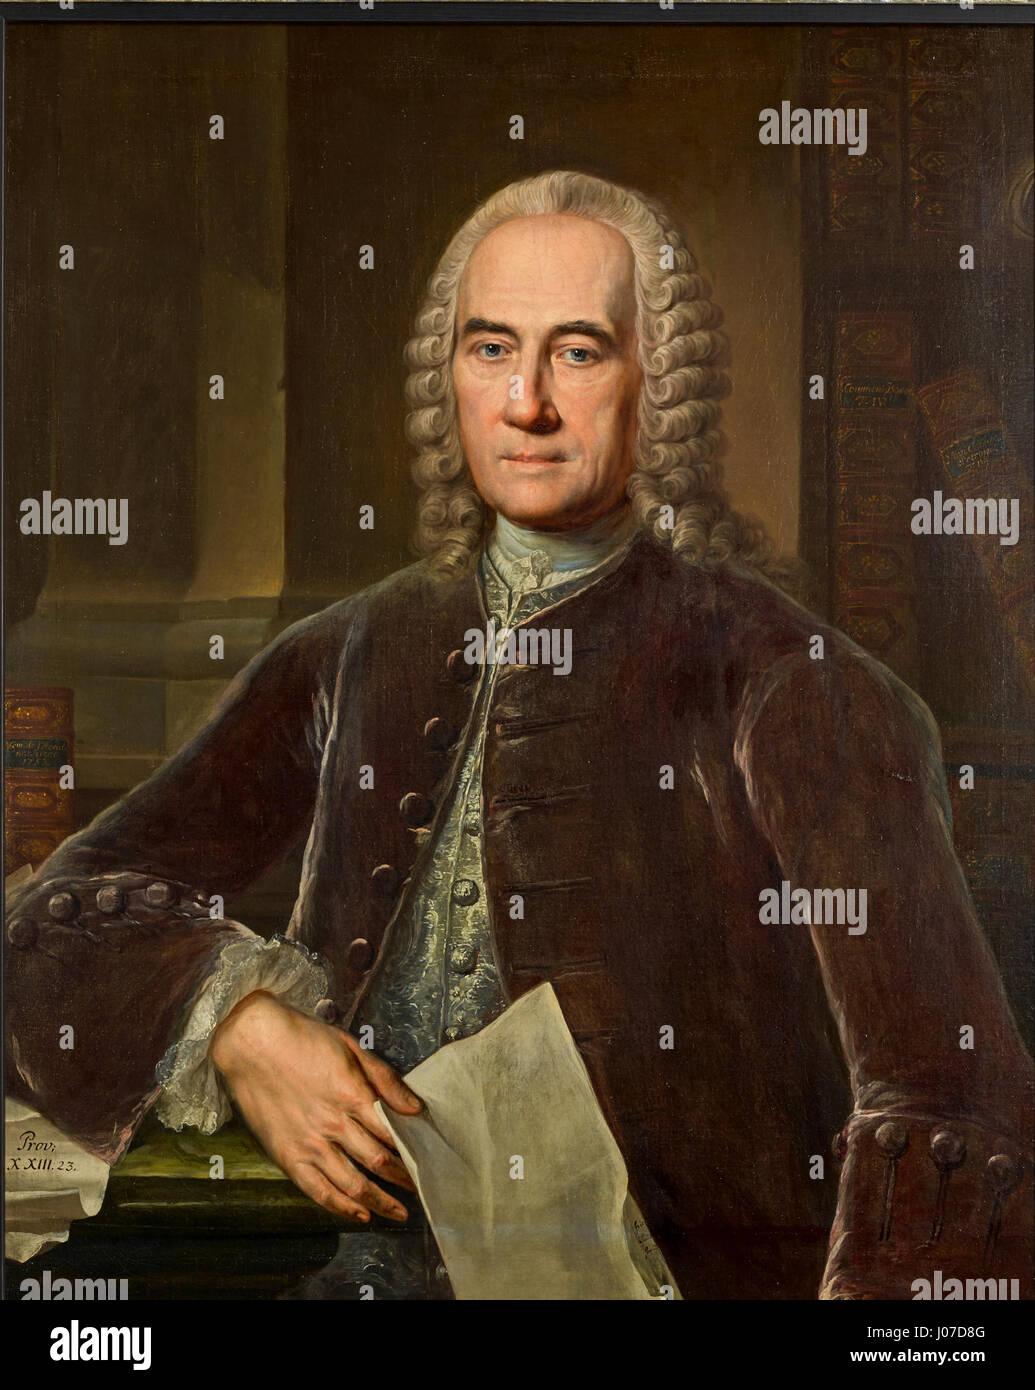 Jacob Theodor Klein Gemälde von J. Wessel - Stock Image